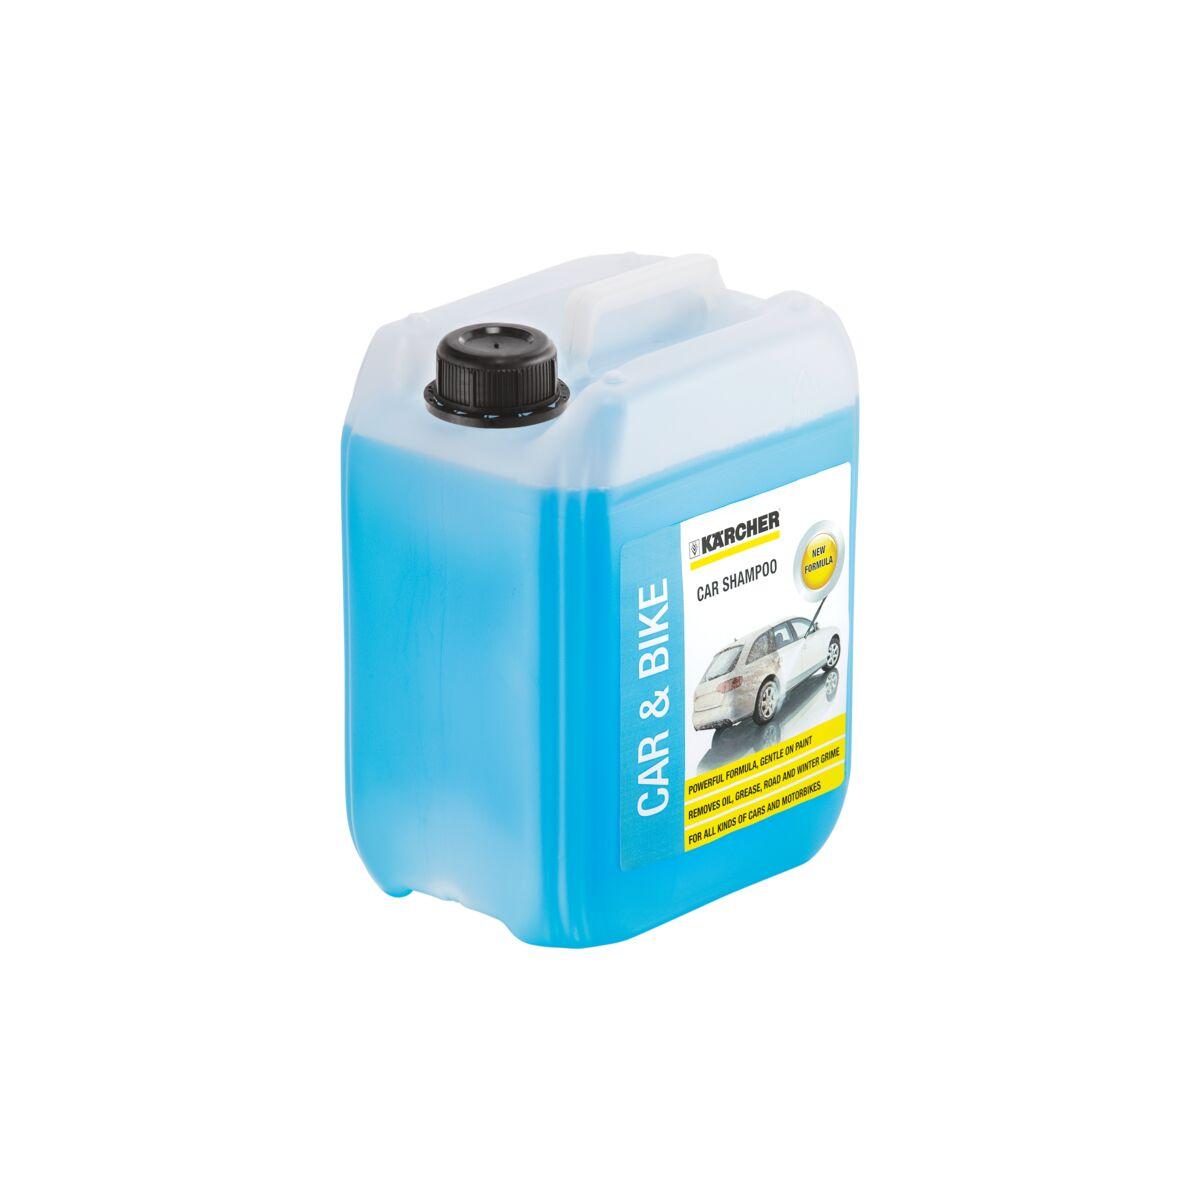 شامبو 5 لتر لغسيل السيارة Pressure Washers Garden Power Tools Lawn Garden Outdoor Saco Store